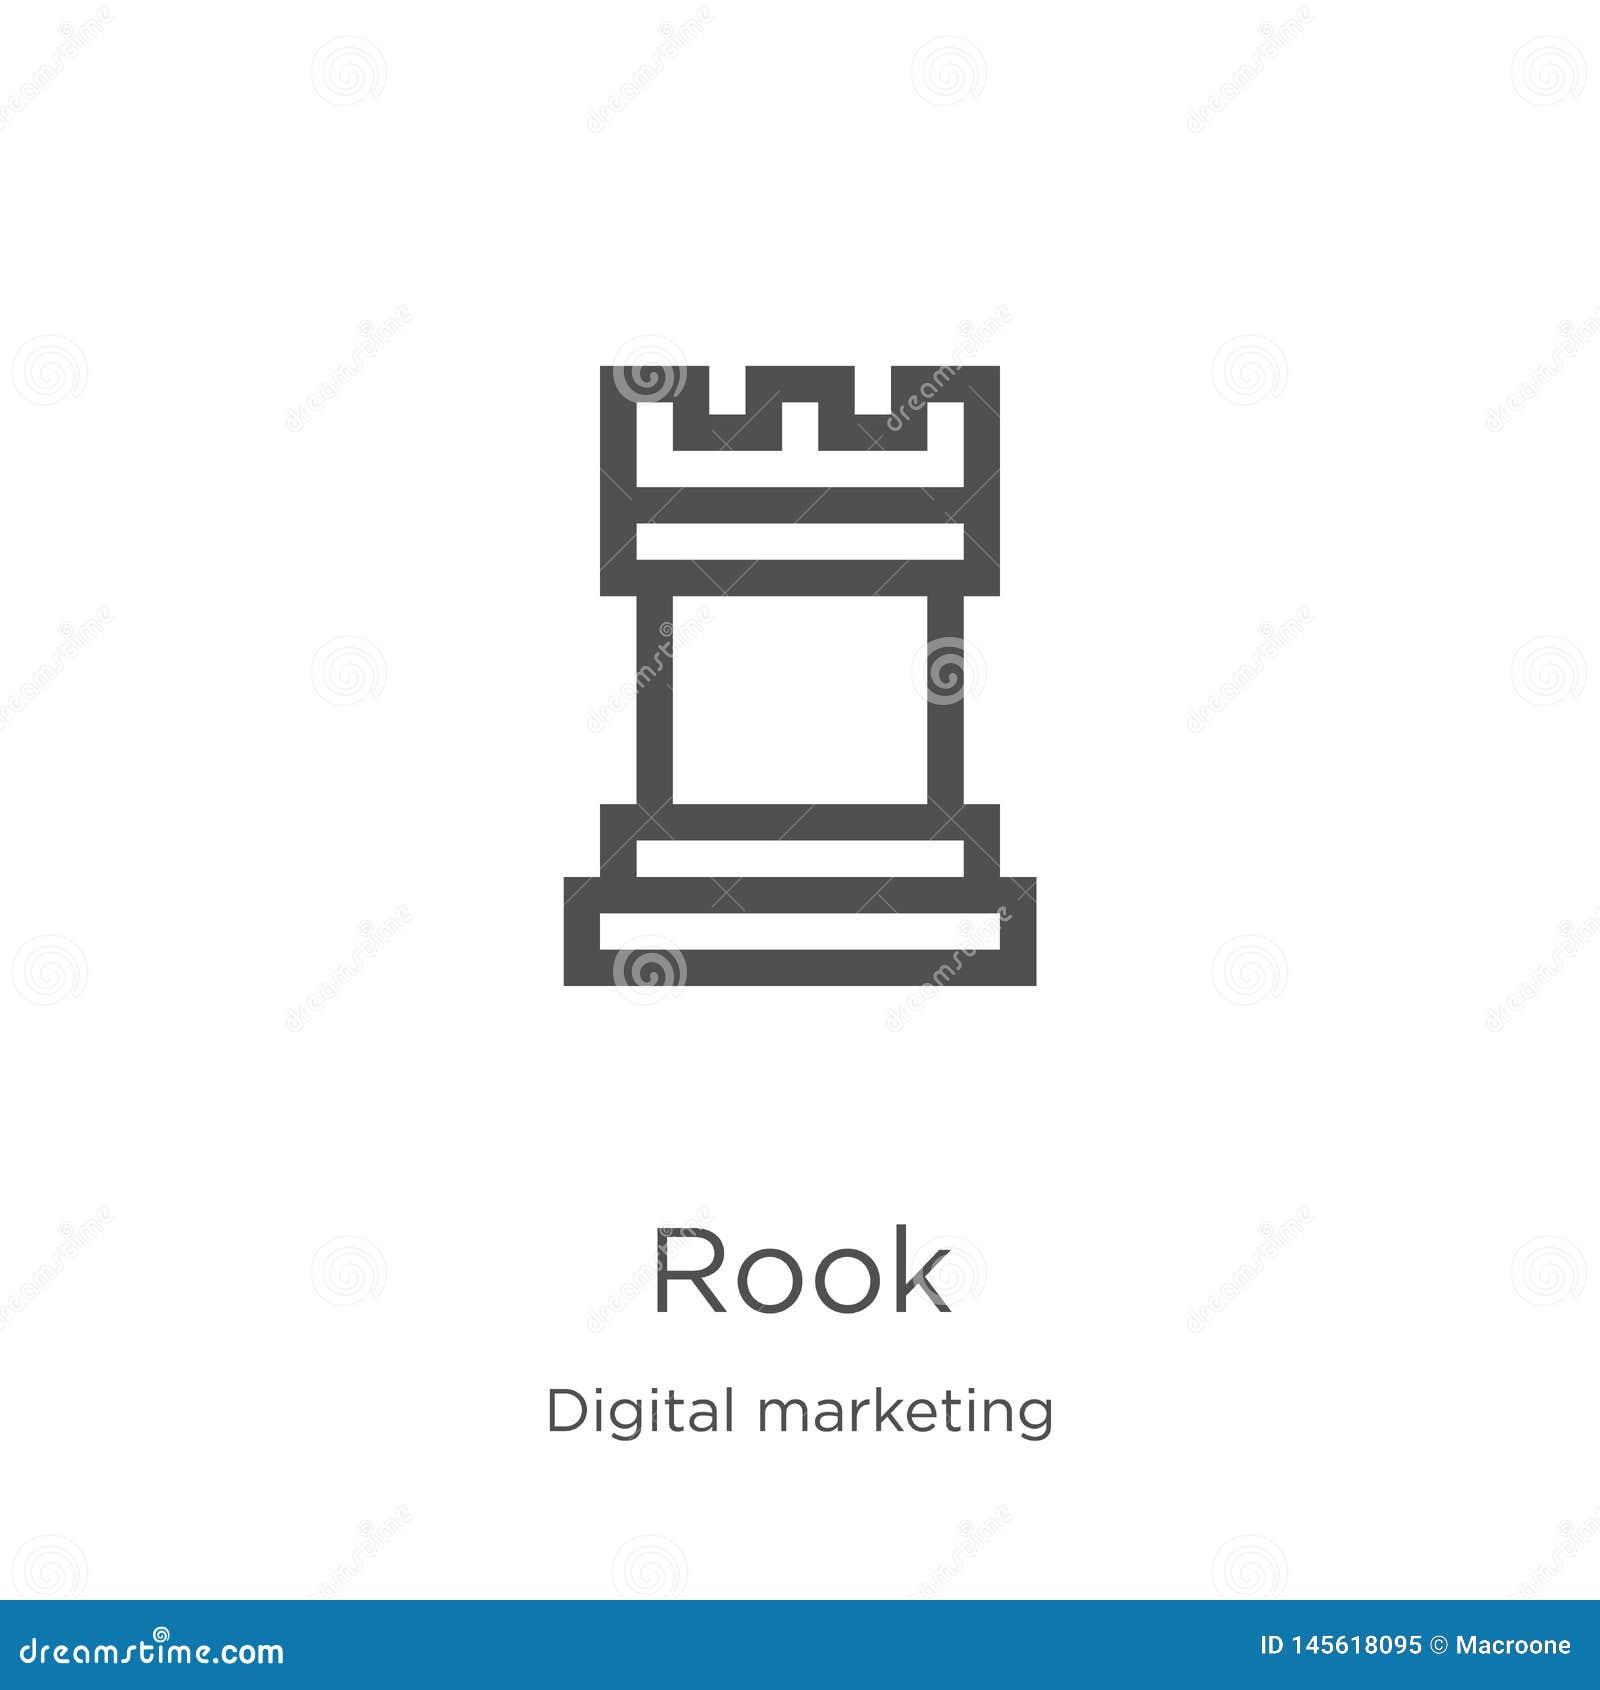 Vetor do ícone da gralha da coleção de mercado digital Linha fina ilustração do vetor do ícone do esboço da gralha Esboço, linha